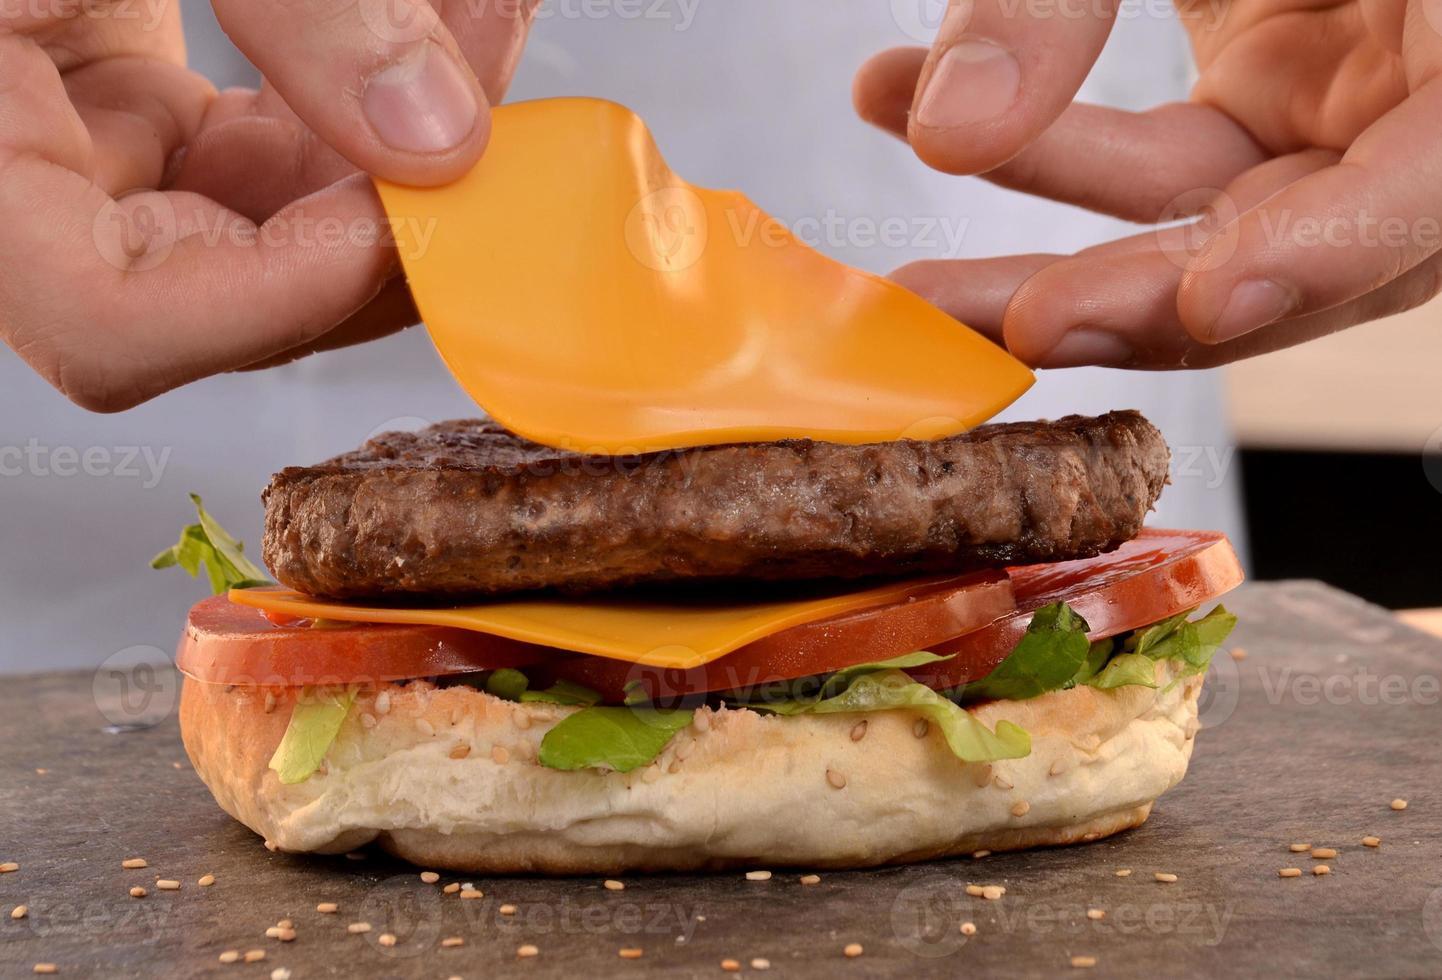 cocinar hamburguesa foto